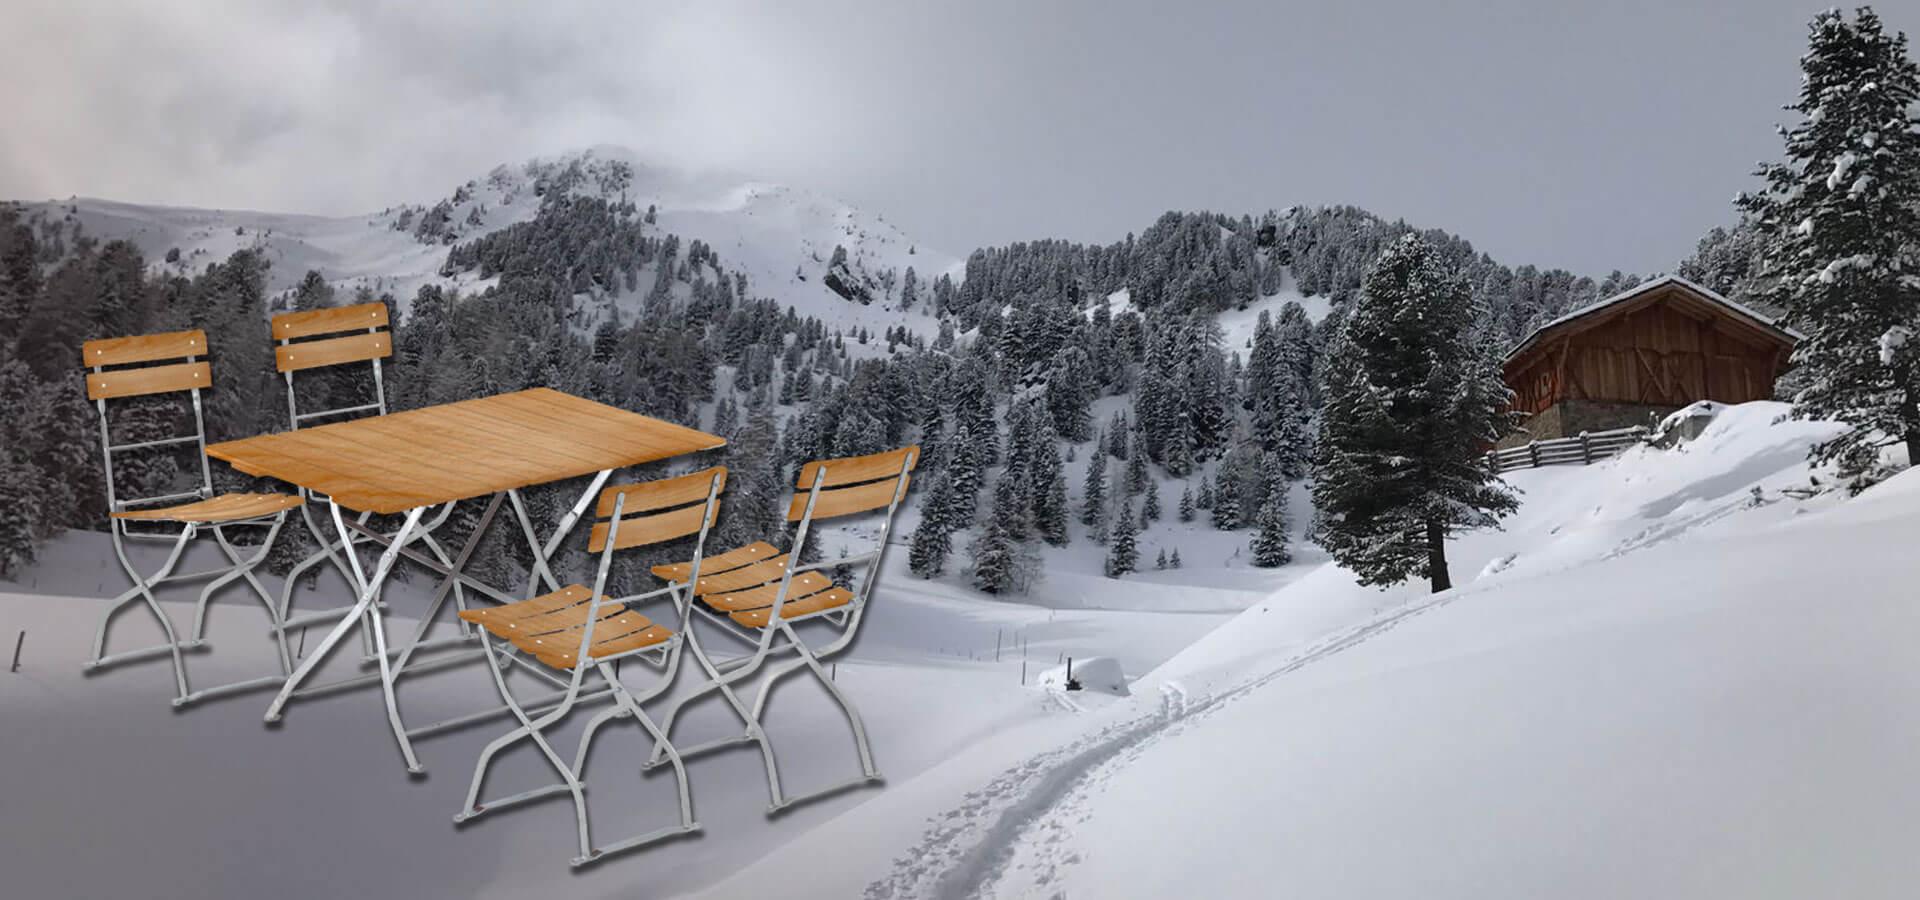 Winterlandschaft mit dem Biergartenmöbel-Set von RUKUevent in Fichte